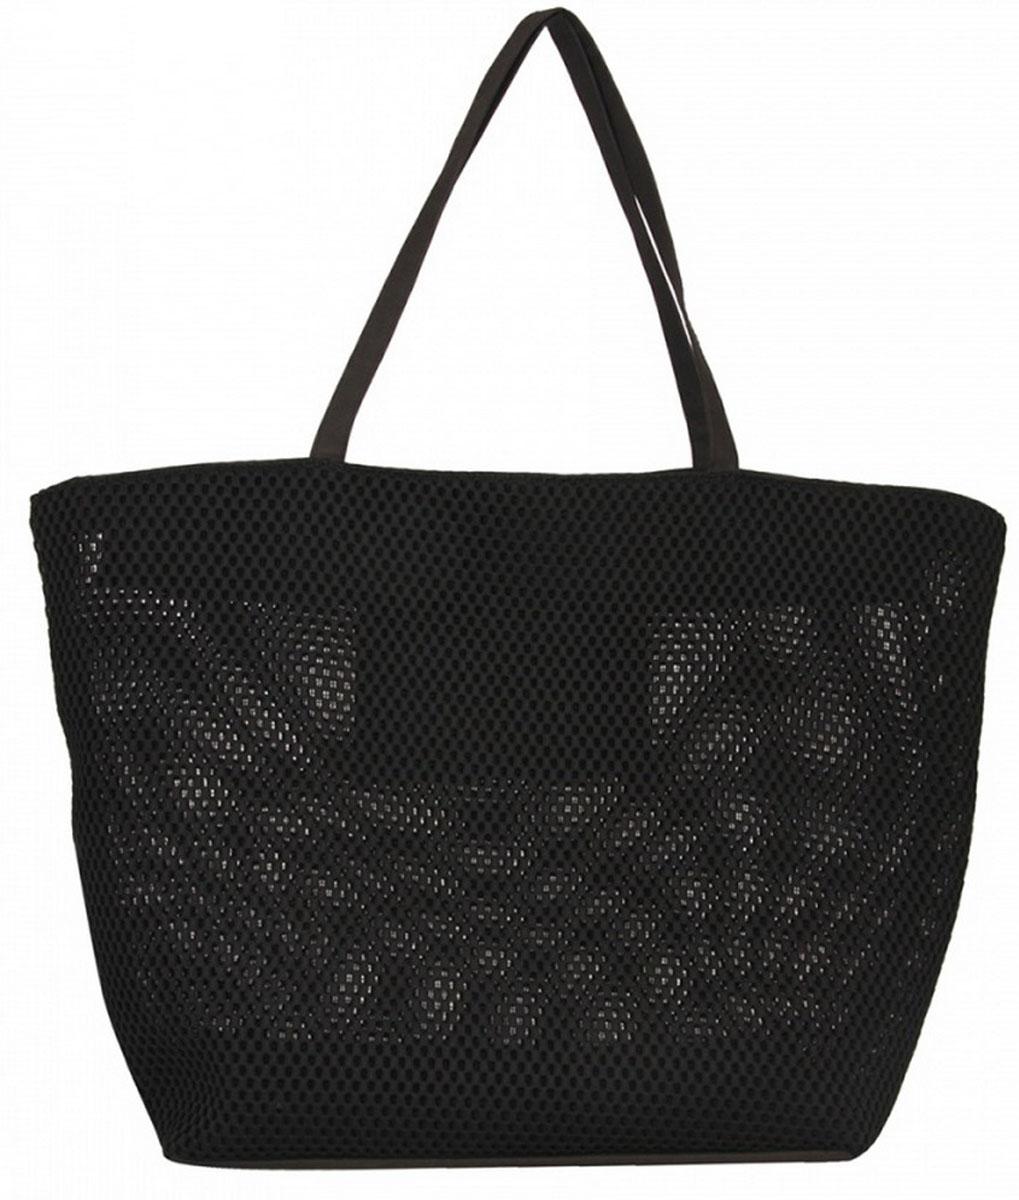 Сумка женская Venera, цвет: черный. 1203156-2A-B86-05-CИтальянская сумка Venera черного цвета, размером 39х63х22см. Изготовлена из полиэстера прочного материала непропускающего влагу. Сумка это важнейшая часть женского гардероба, она является как модным аксессуаром так и удобным вместительным изделием для необходимых вещей.